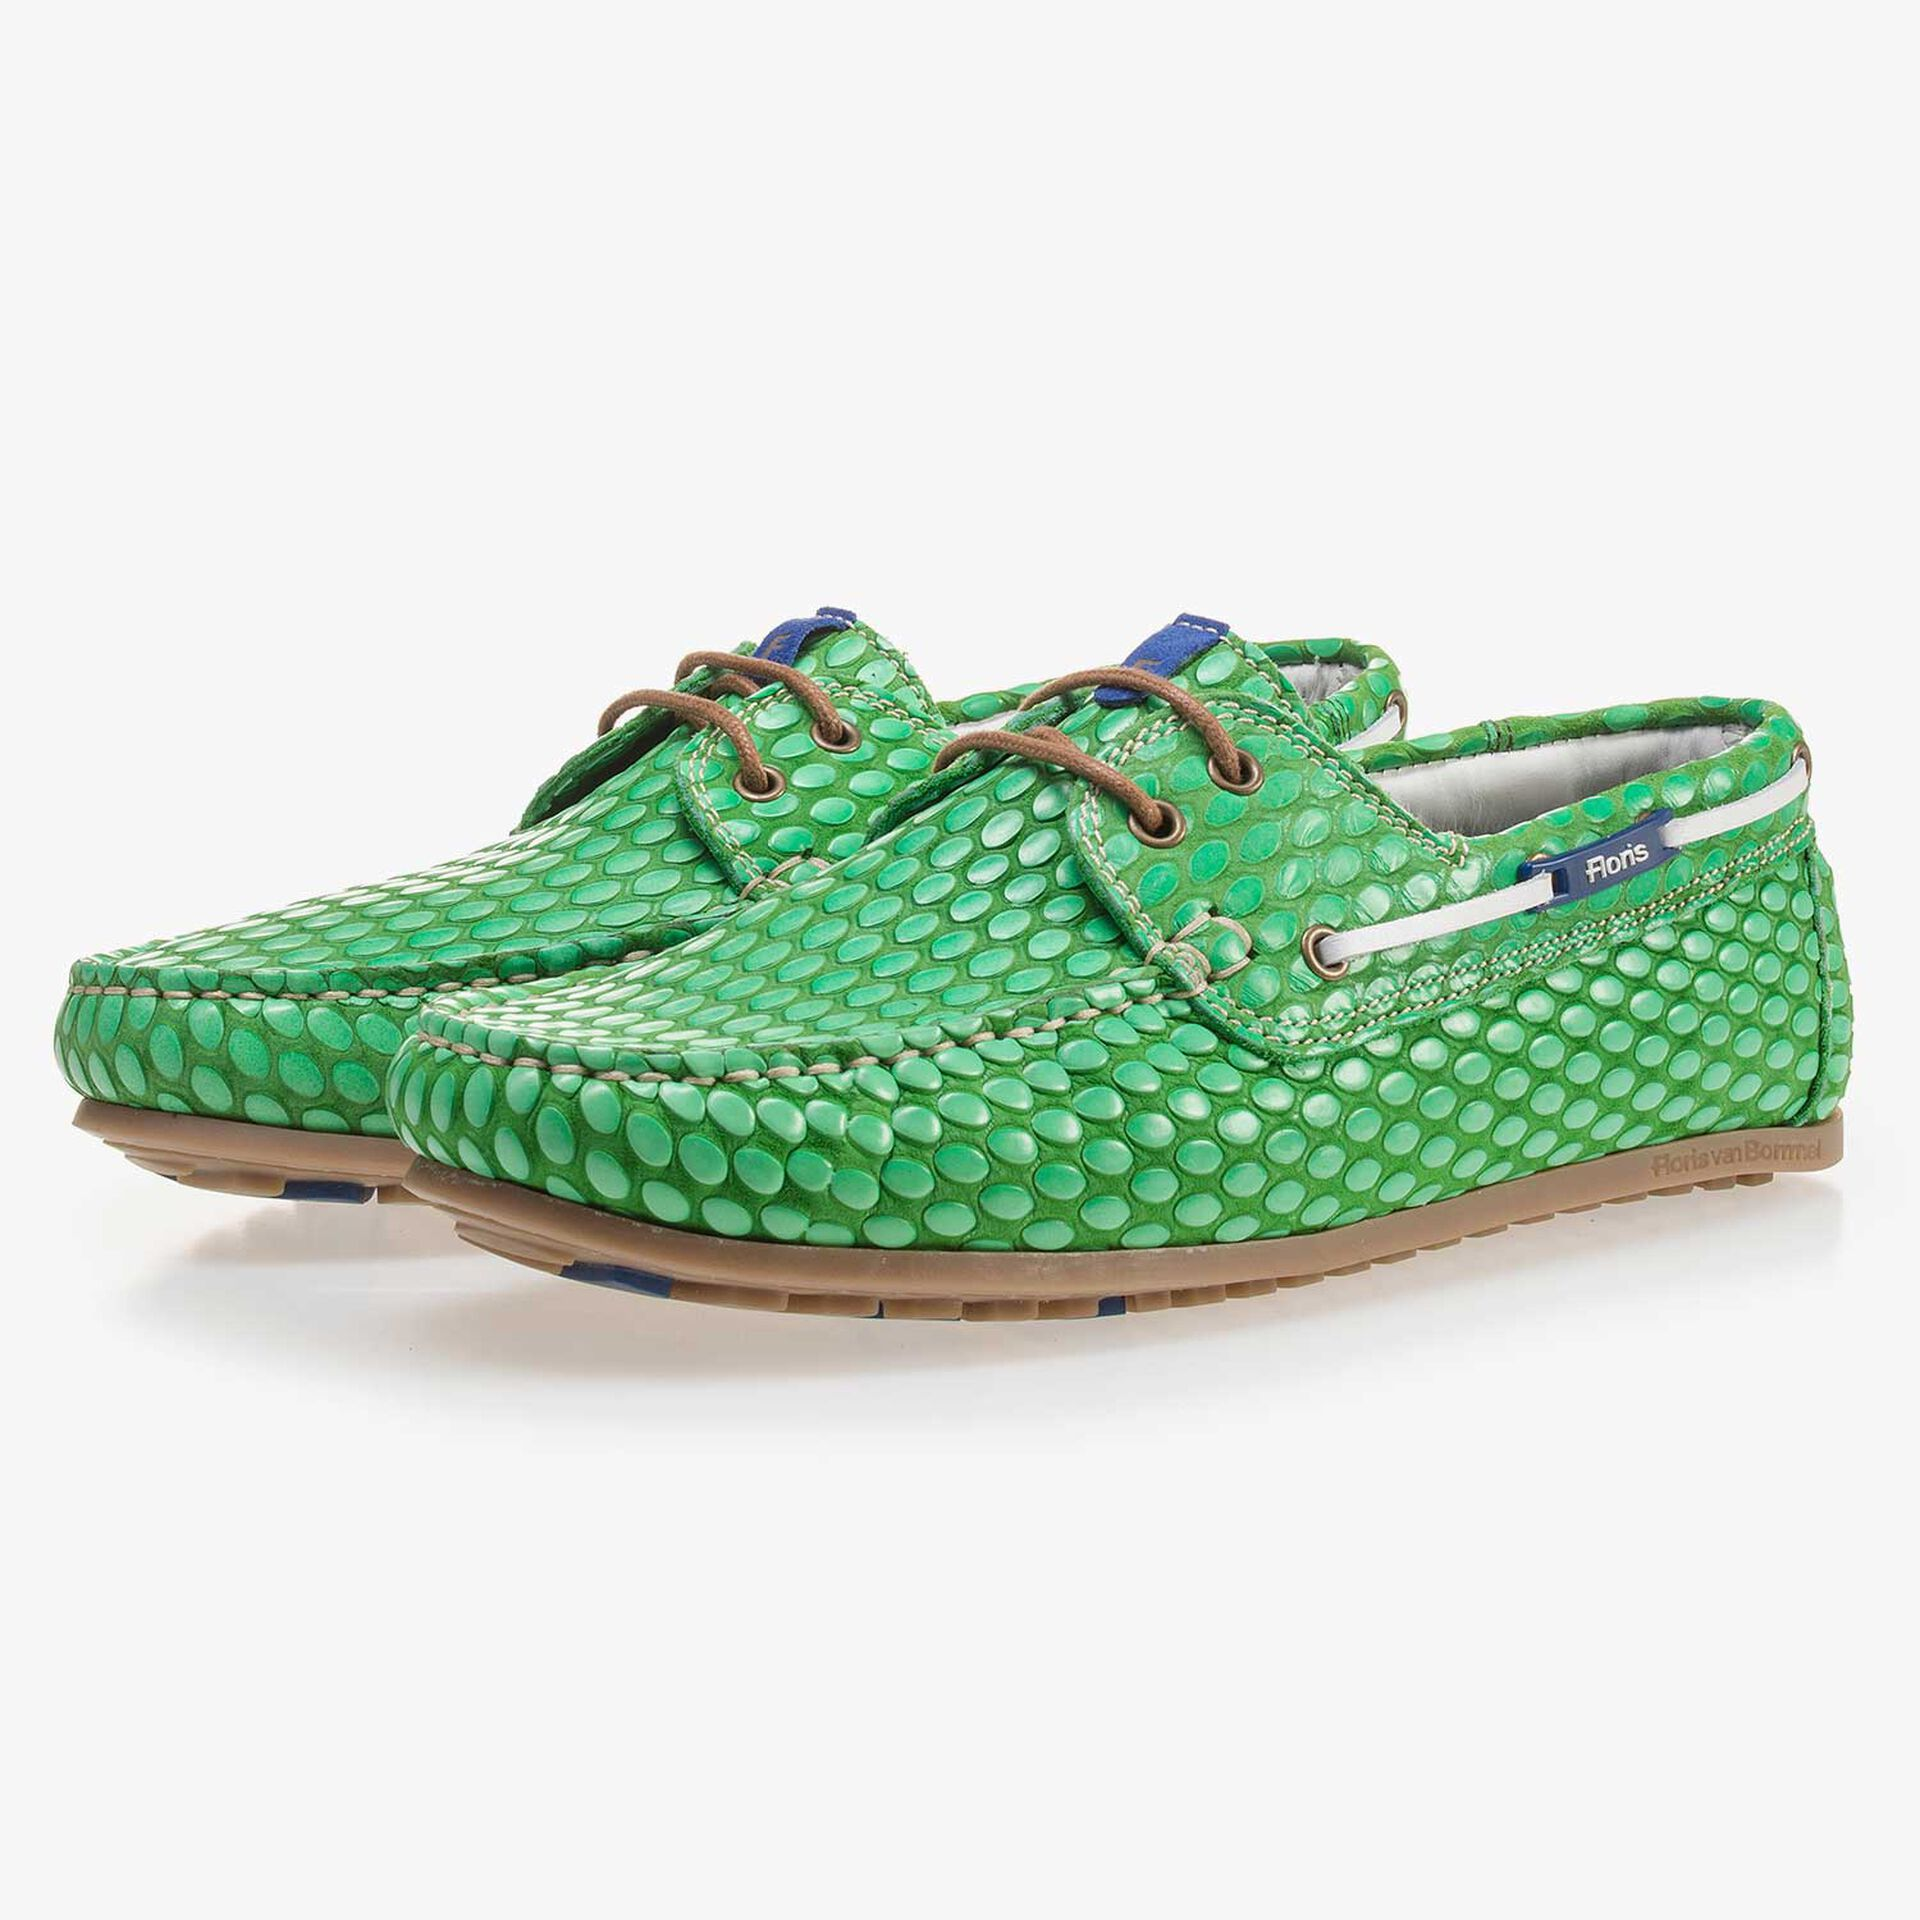 Grüner, bedruckter Leder Bootsschuh